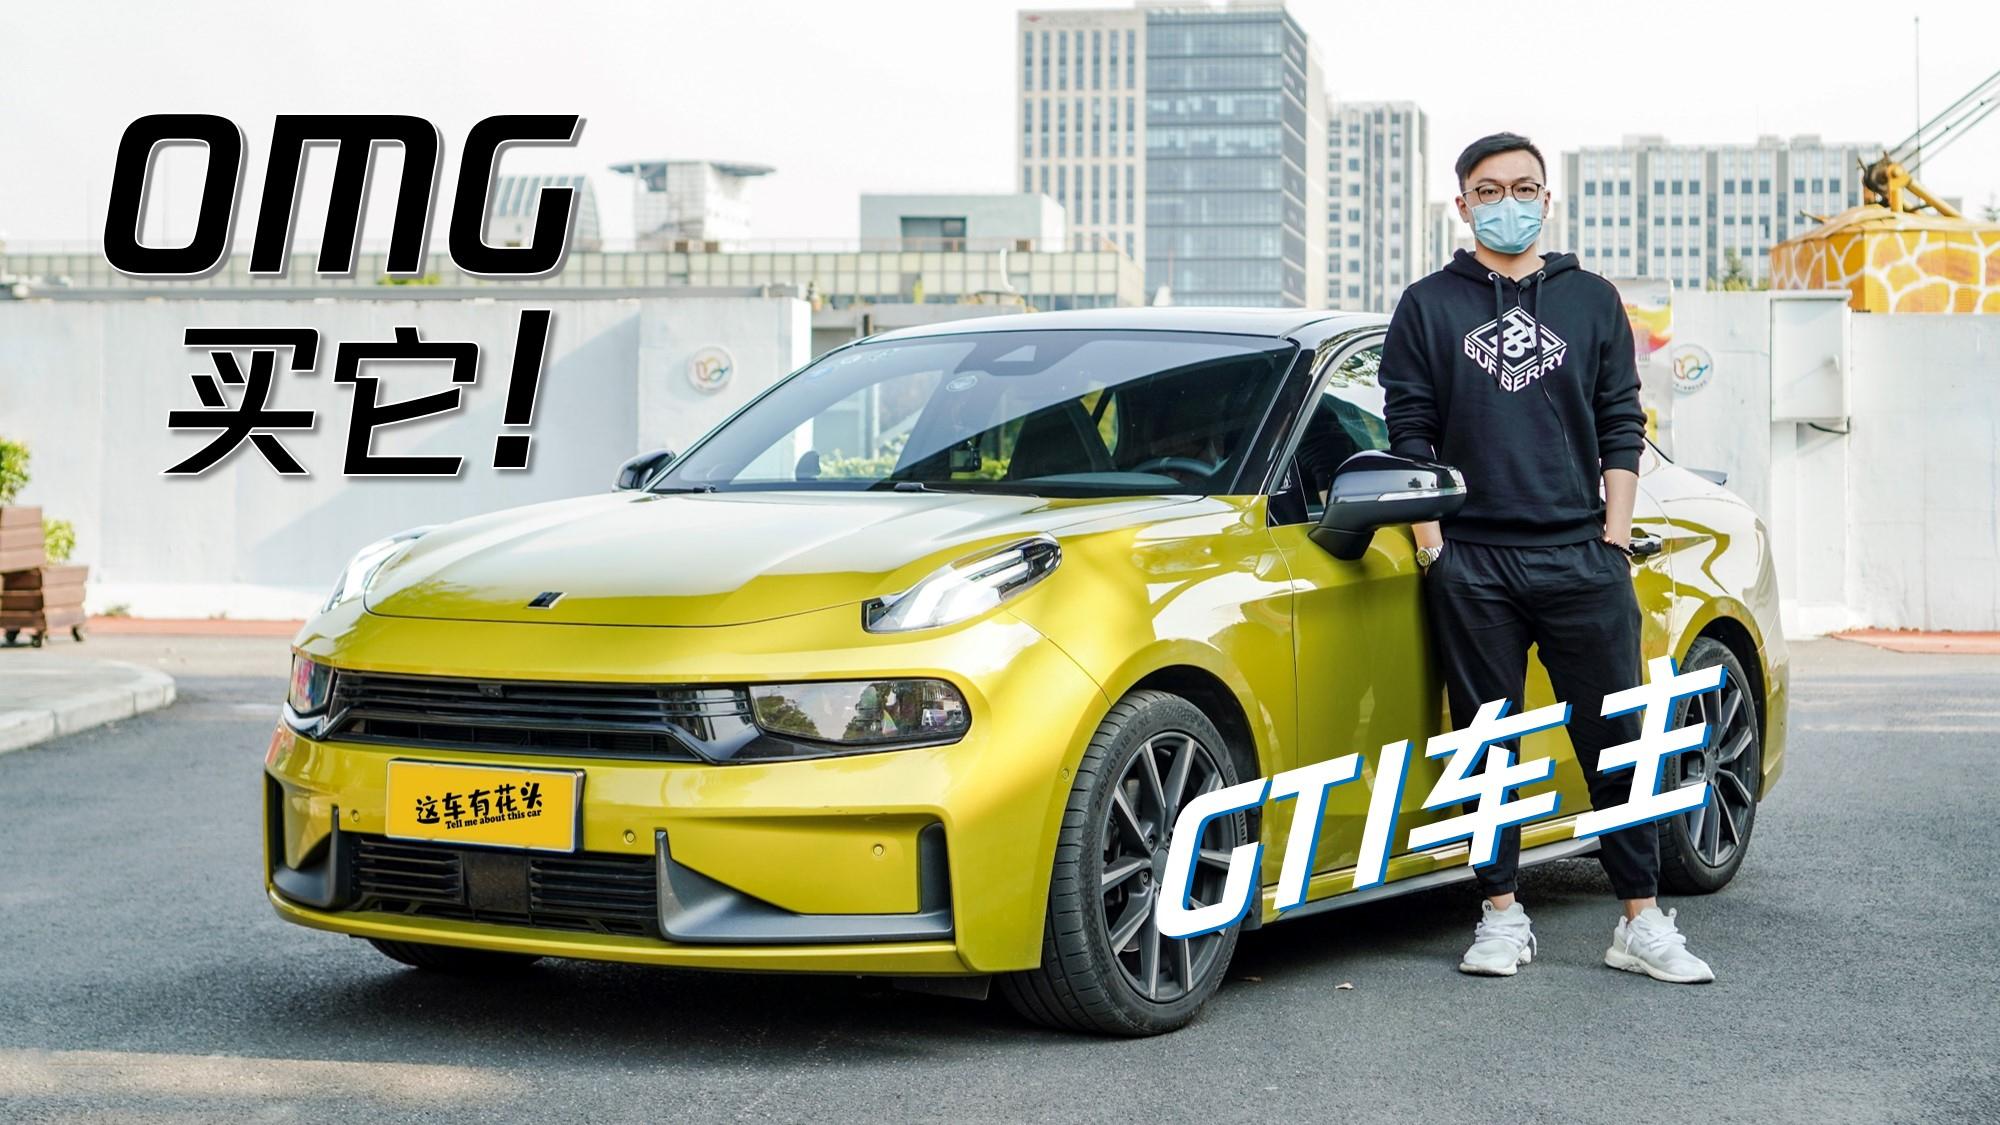 高尔夫GTI车主不服领克03+,体验后直呼OMG!买它买它买它!